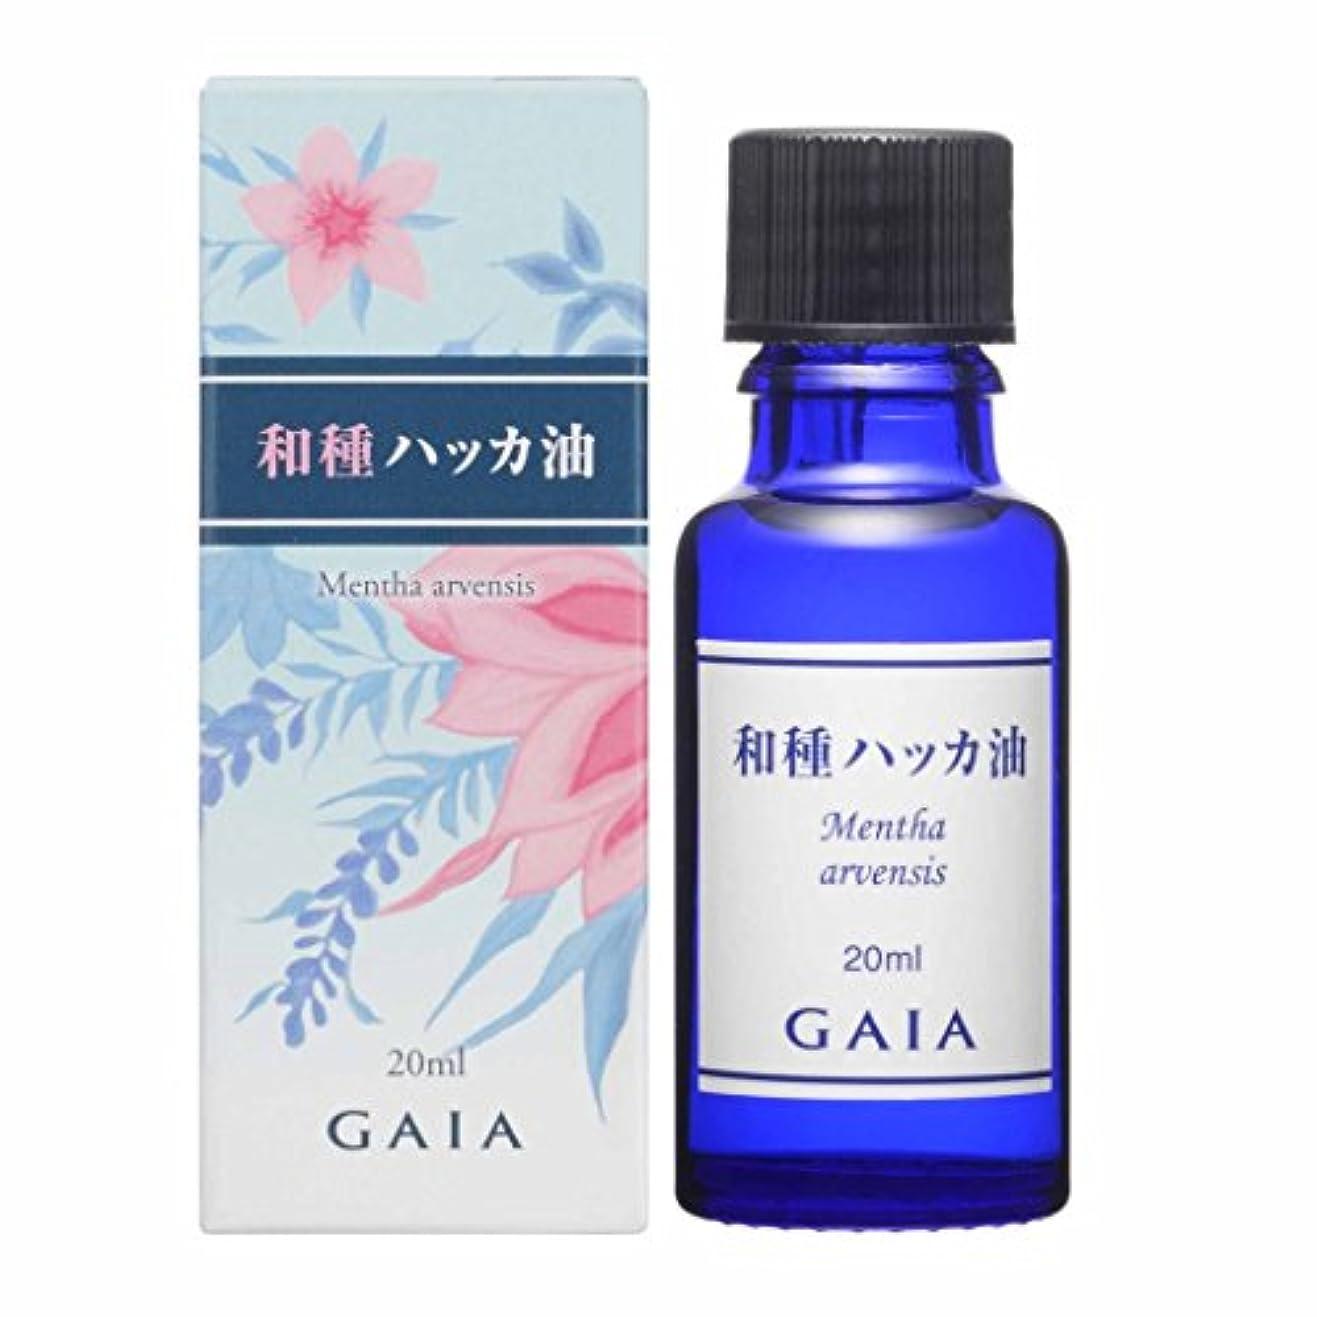 ホバート気分が良い大腿GAIA(ガイア) 和種ハッカ油 20ml